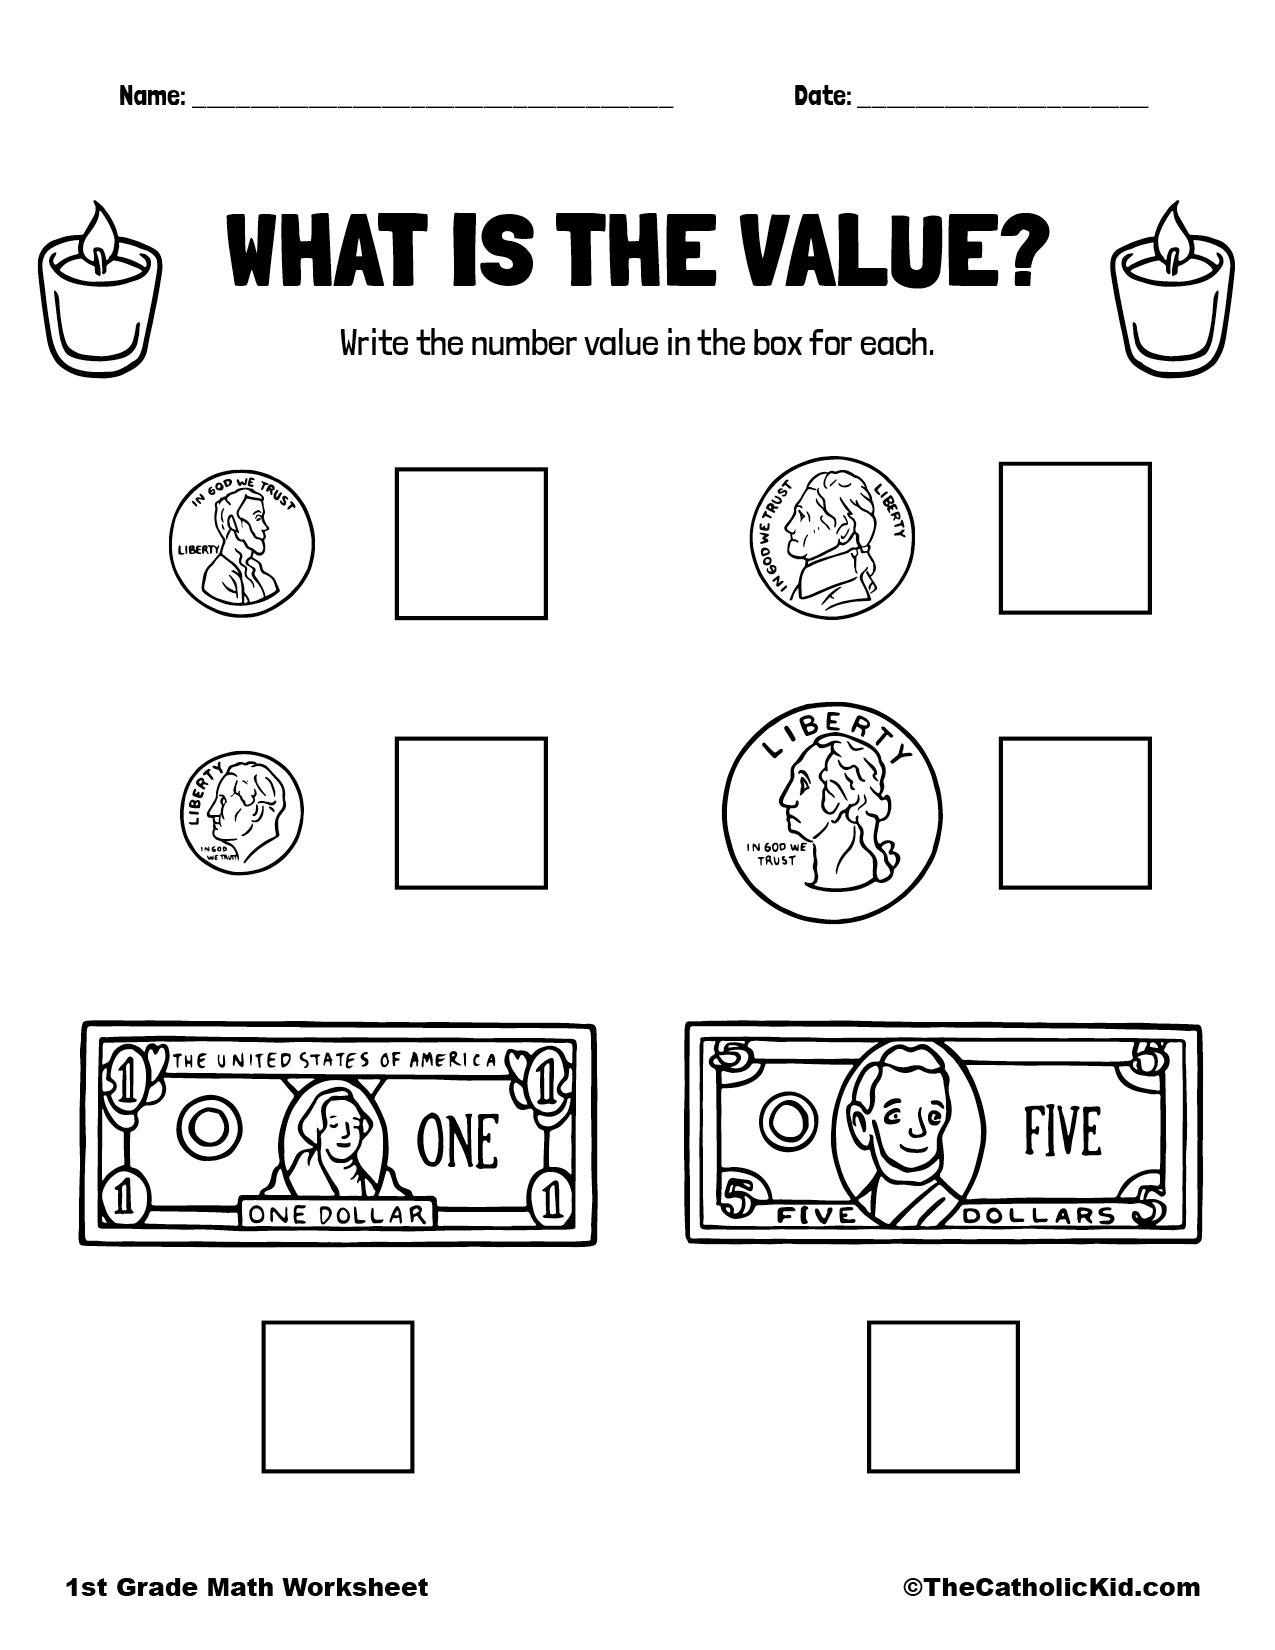 1st Grade Math Catholic Themed Worksheet Money Value